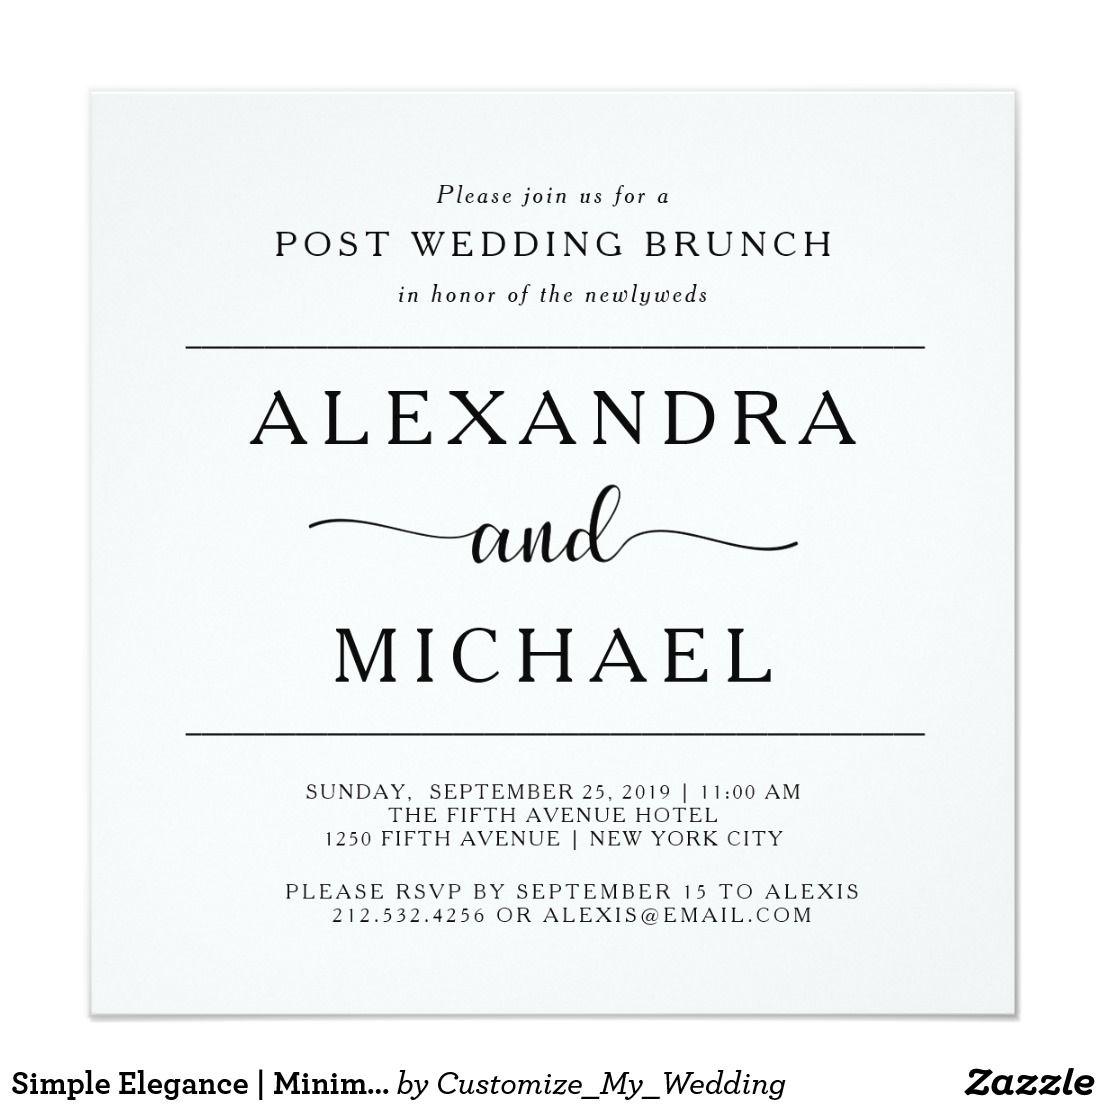 Simple Elegance Minimalist Post Wedding Brunch Invitation Simple